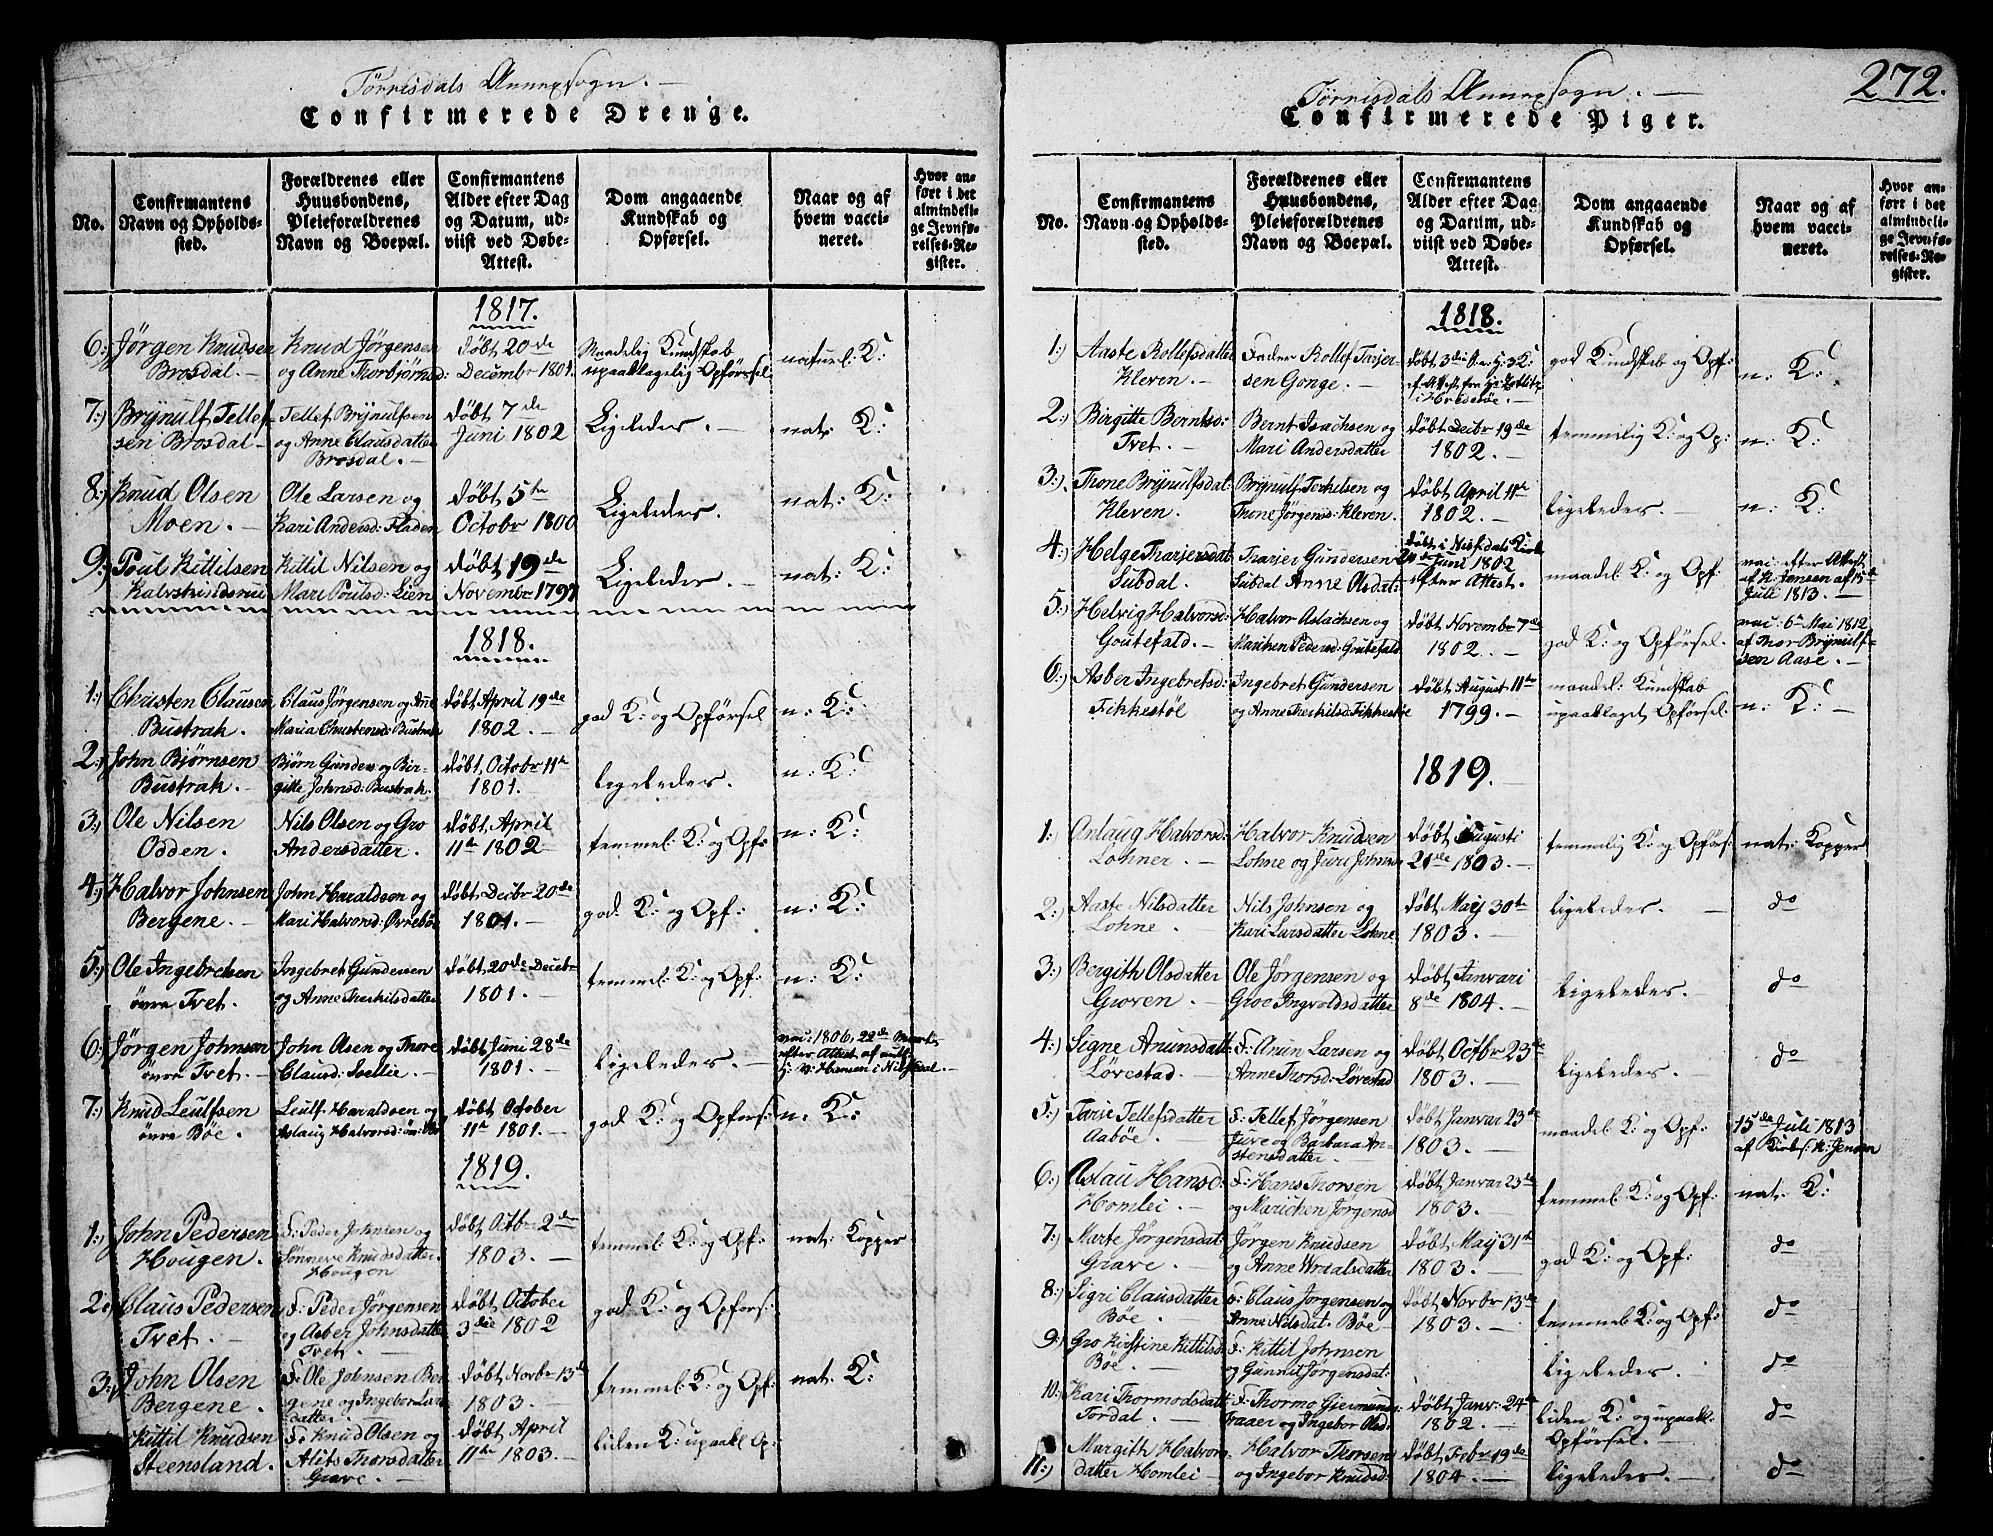 SAKO, Drangedal kirkebøker, G/Ga/L0001: Klokkerbok nr. I 1 /2, 1814-1856, s. 272